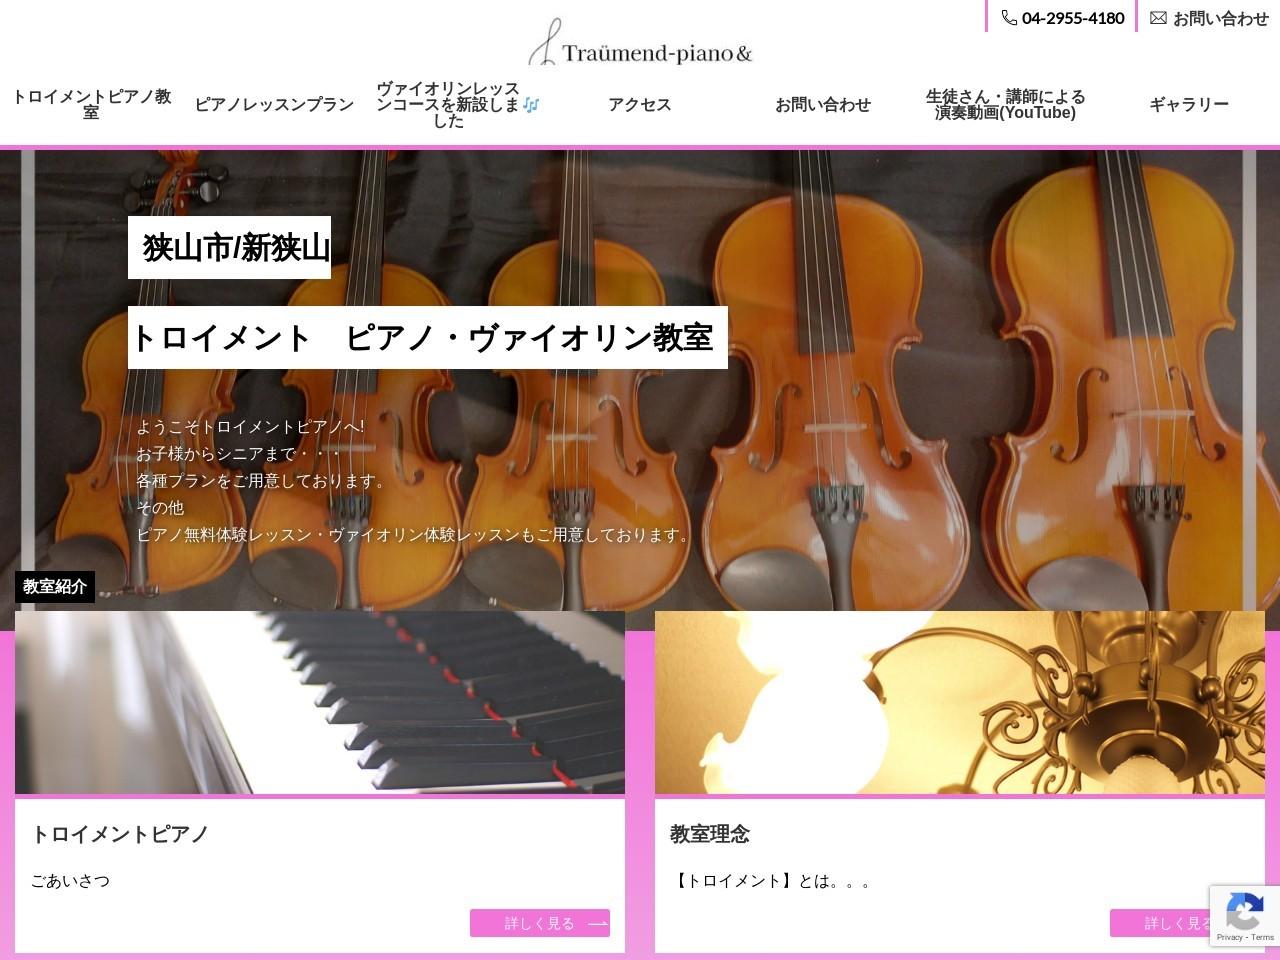 トロイメントピアノ教室のサムネイル